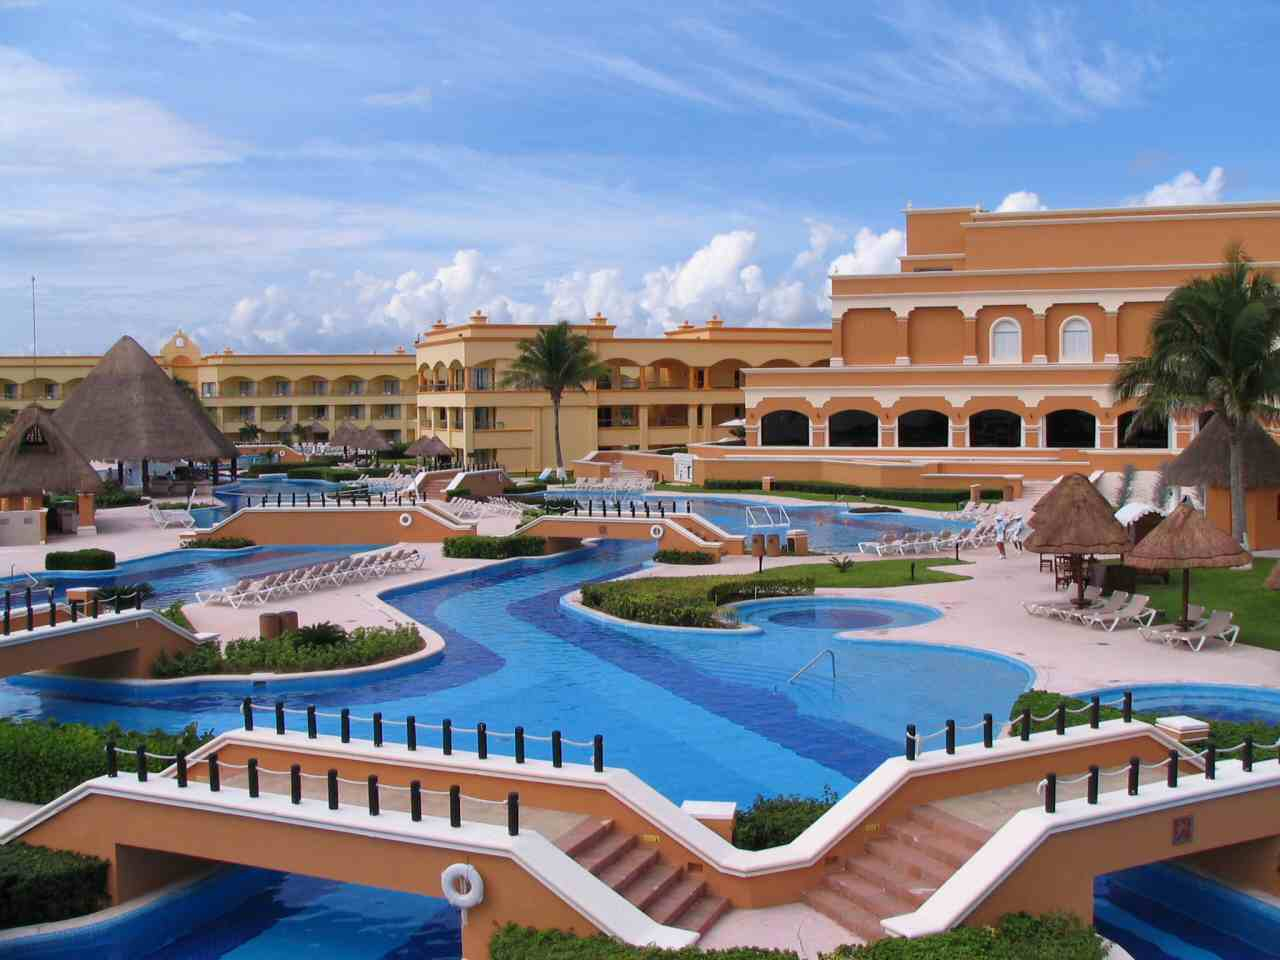 Hard Rock Hotel Riviera Maya.JPG